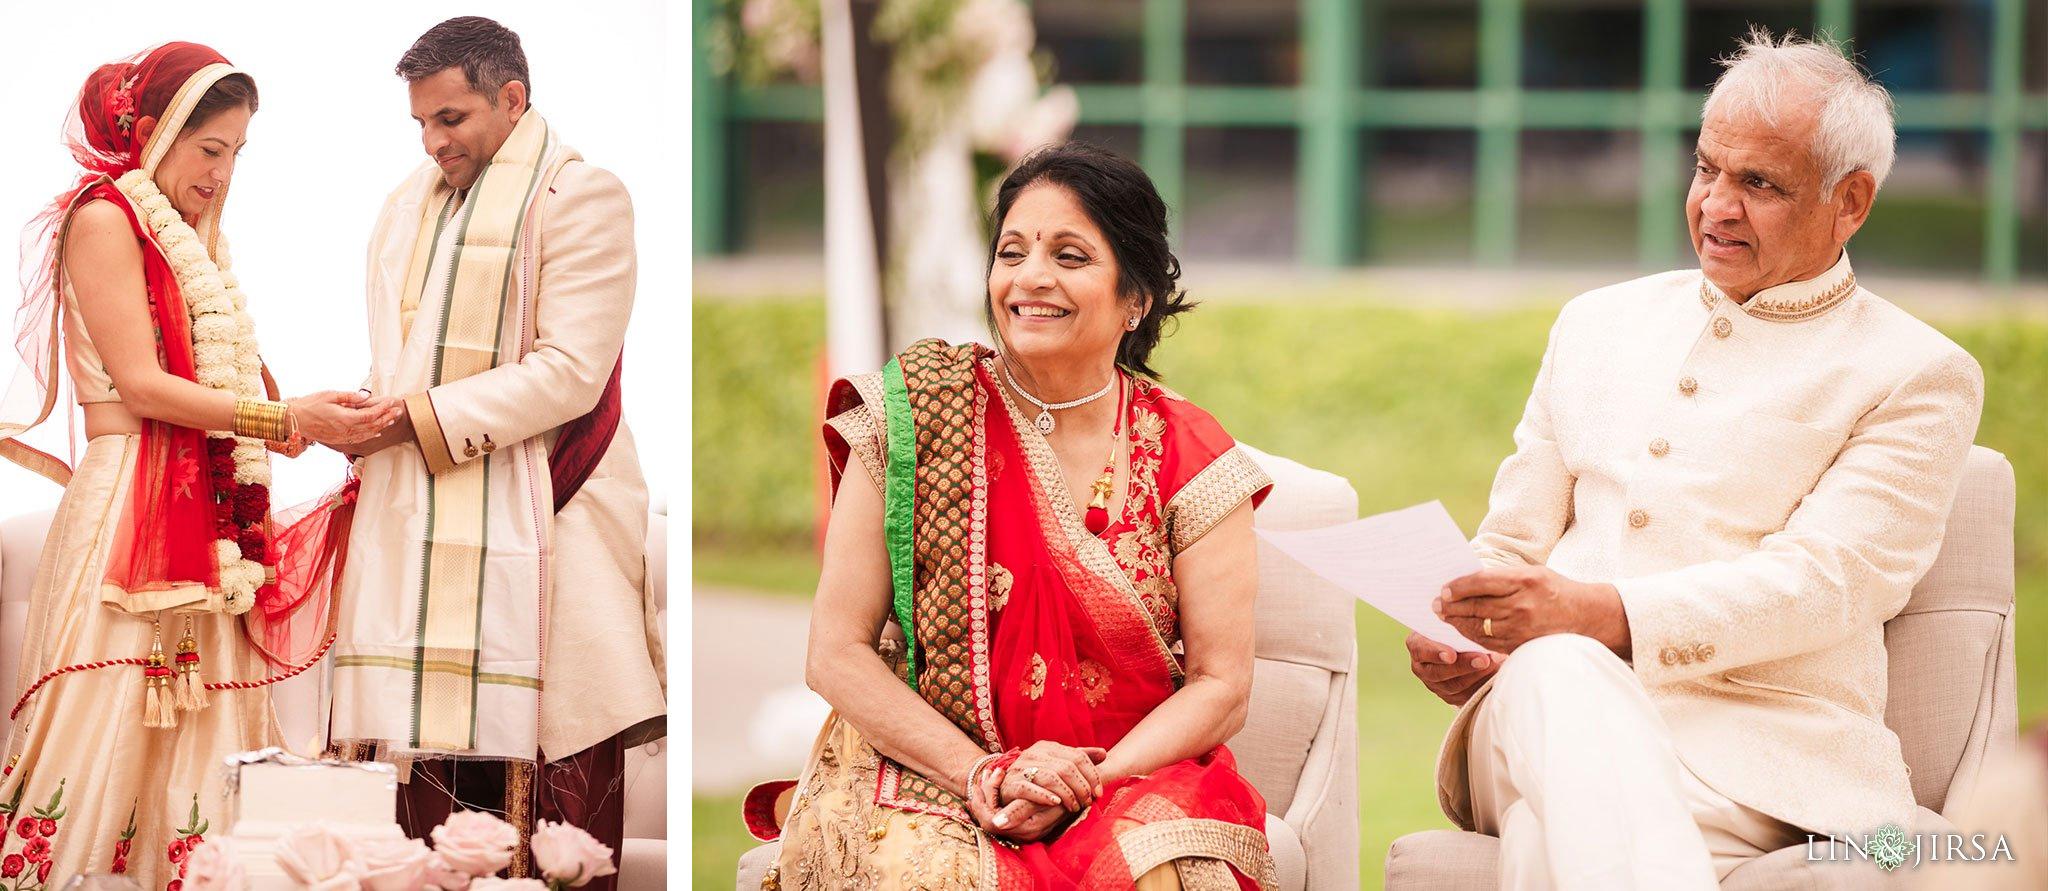 023 Hyatt Long Beach Indian Wedding Photography